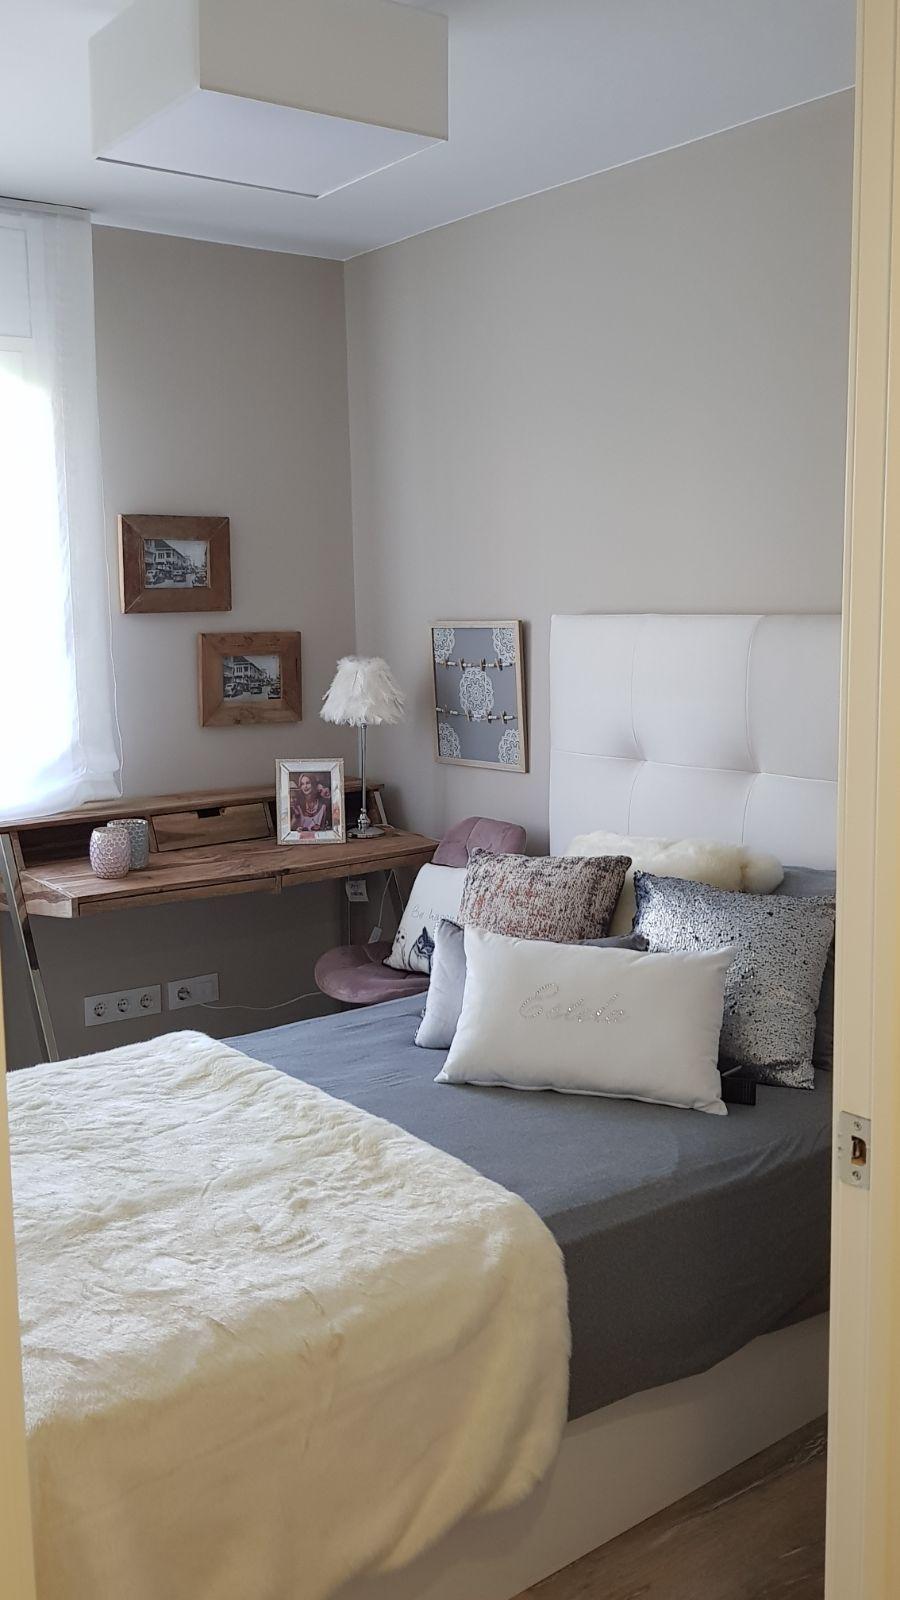 Foto 19 de Tienda de muebles en L'Hospitalet de Llobregat | Chousa